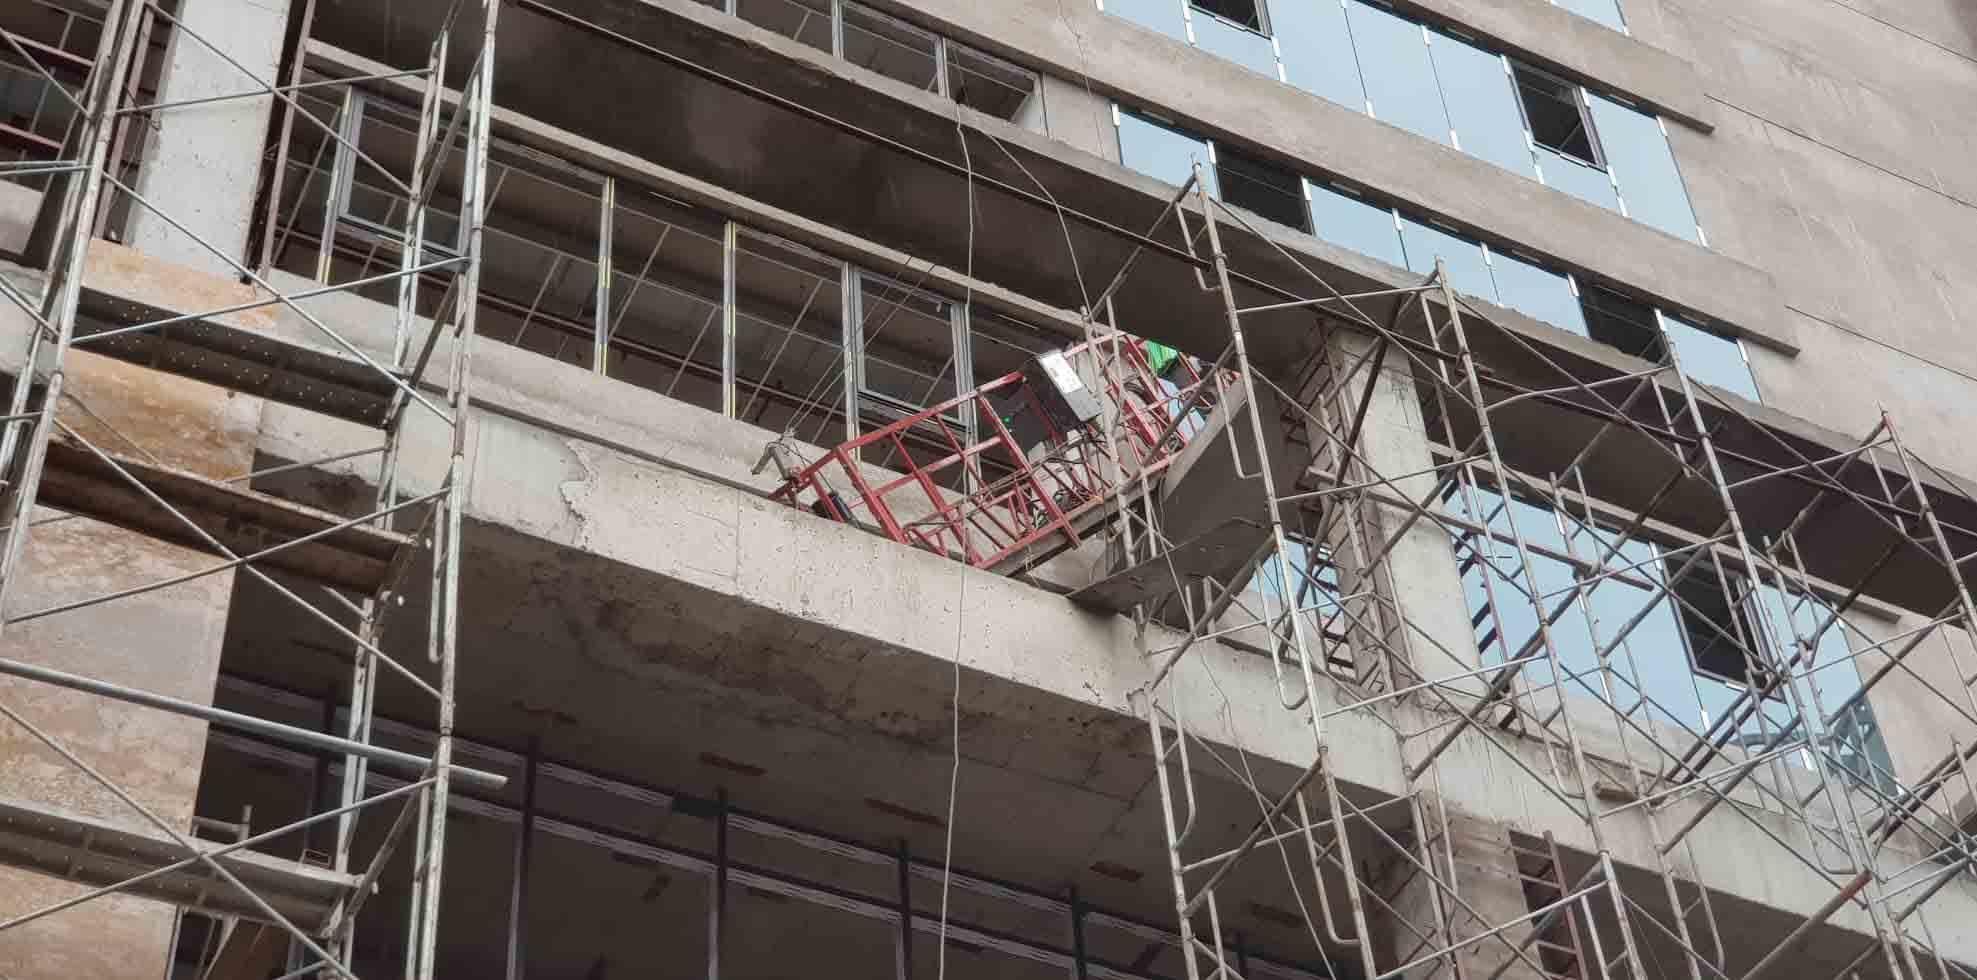 Nguyên nhân thanh sắt từ tòa nhà đang xây rơi chết người đi đường